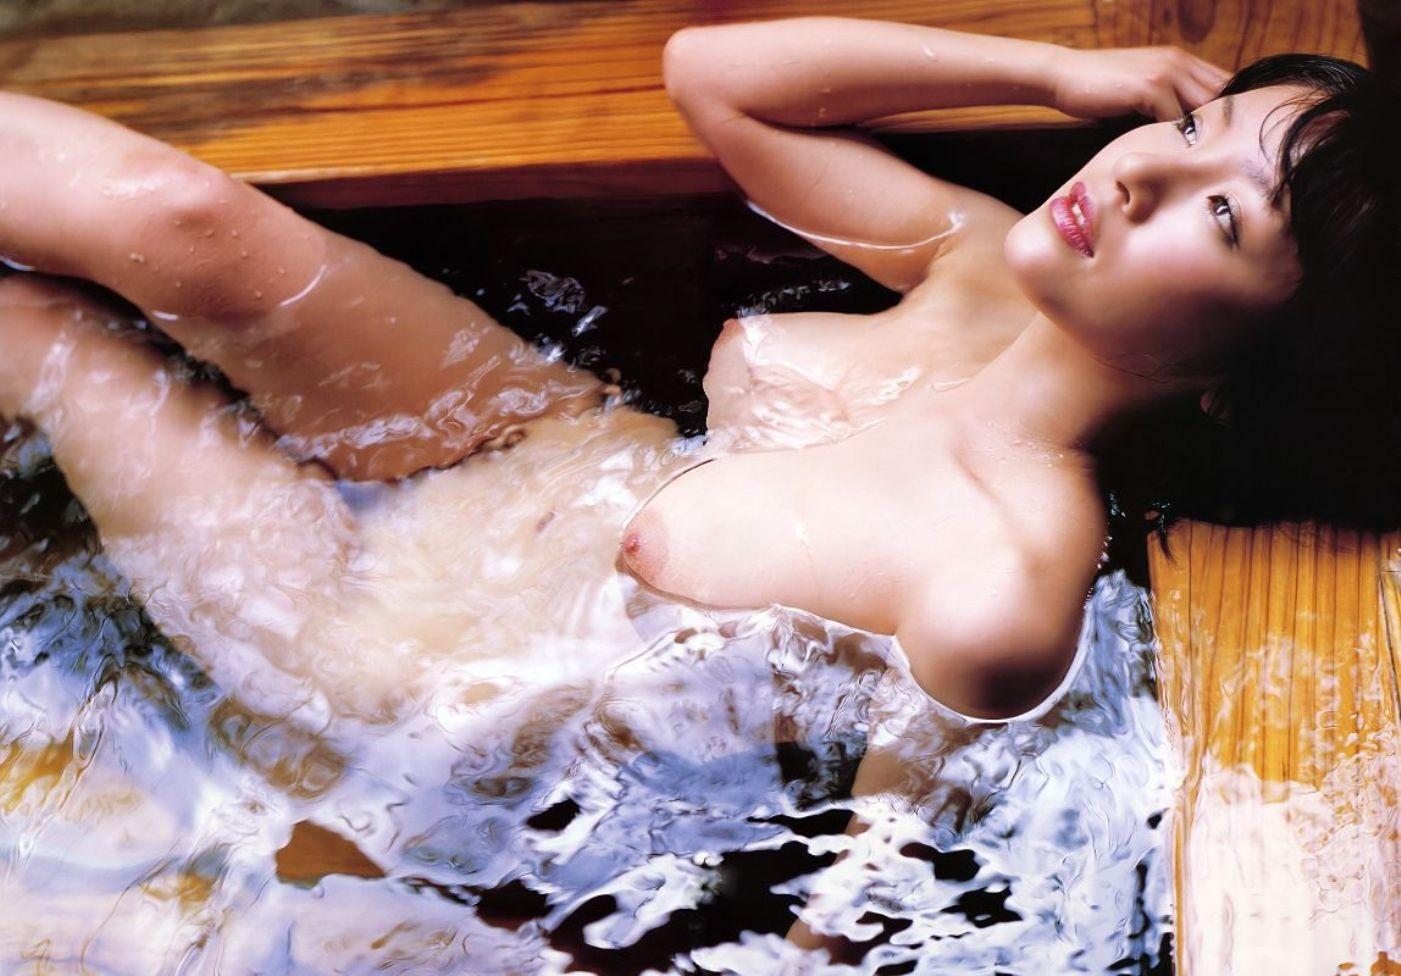 【入浴女体エロ画像】お湯の浮力に揉まれてますw浮かんで大きく見える湯船の巨乳www 01